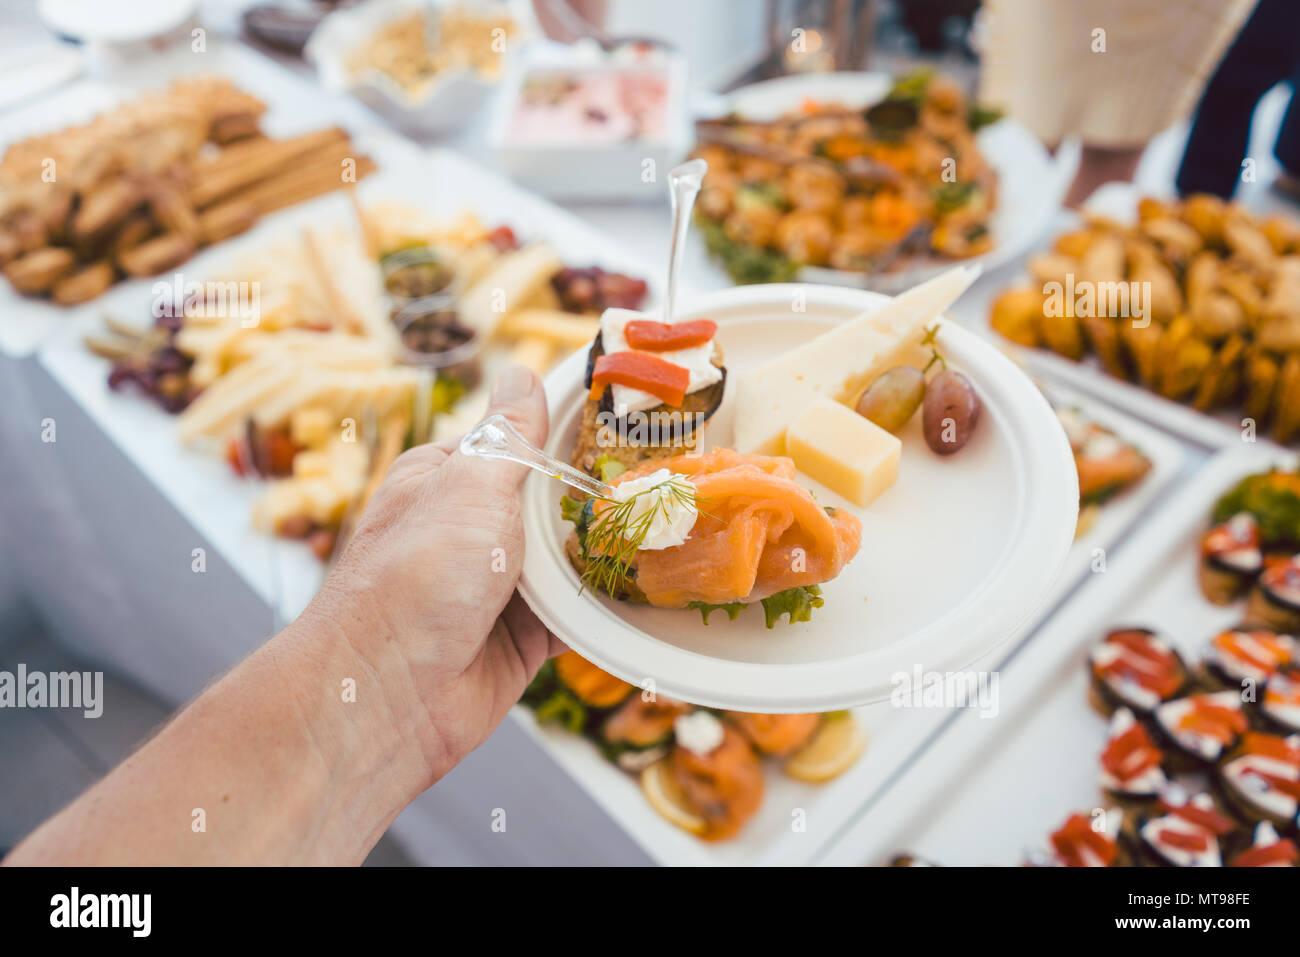 L'uomo ad aiutare se stesso sul buffet di party all'aperto prendendo il cibo Immagini Stock